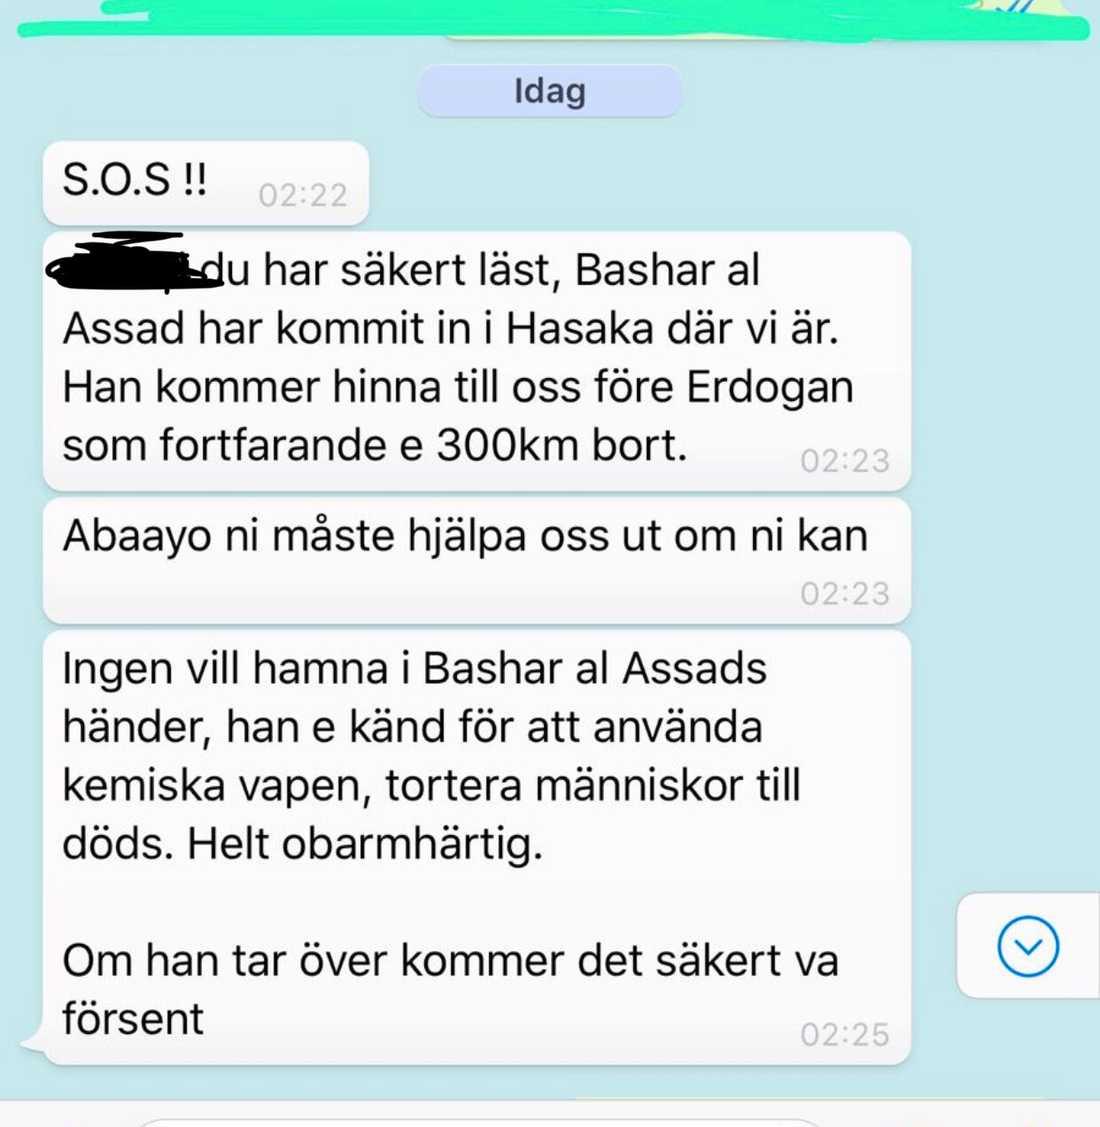 Svenska kvinnans sms.